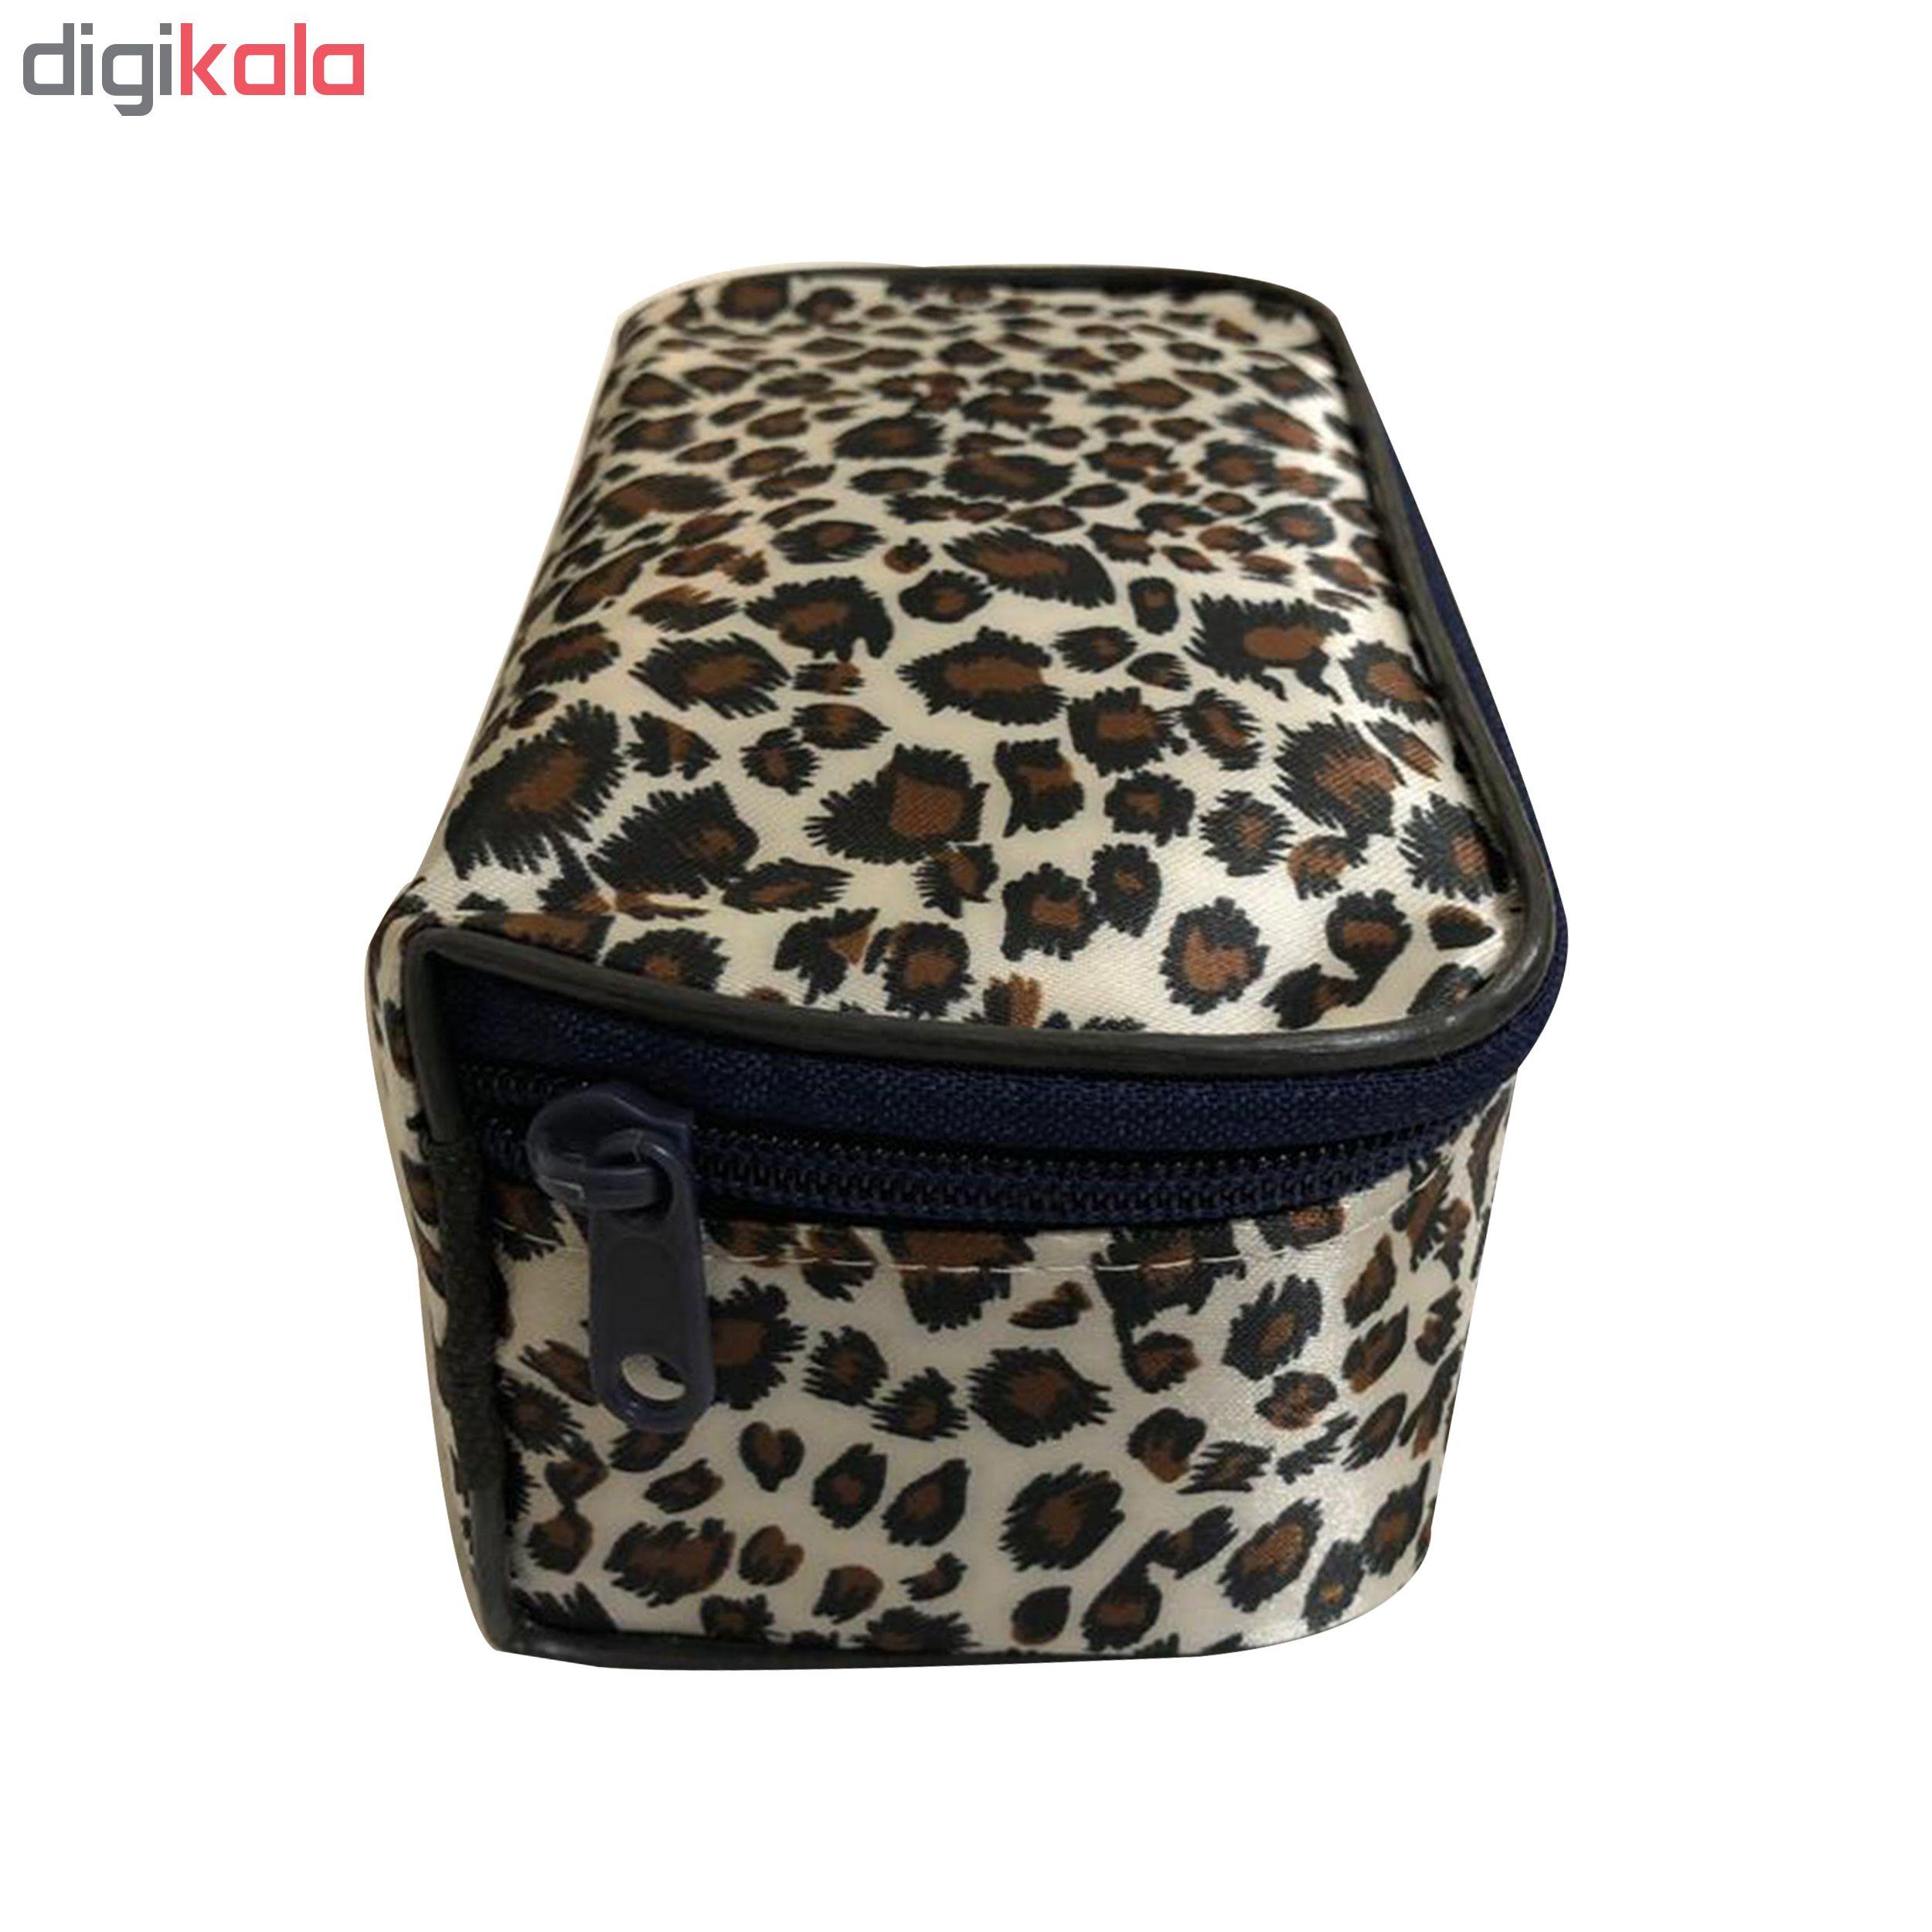 کیف لوازم آرایشی پلنگی مدل K3